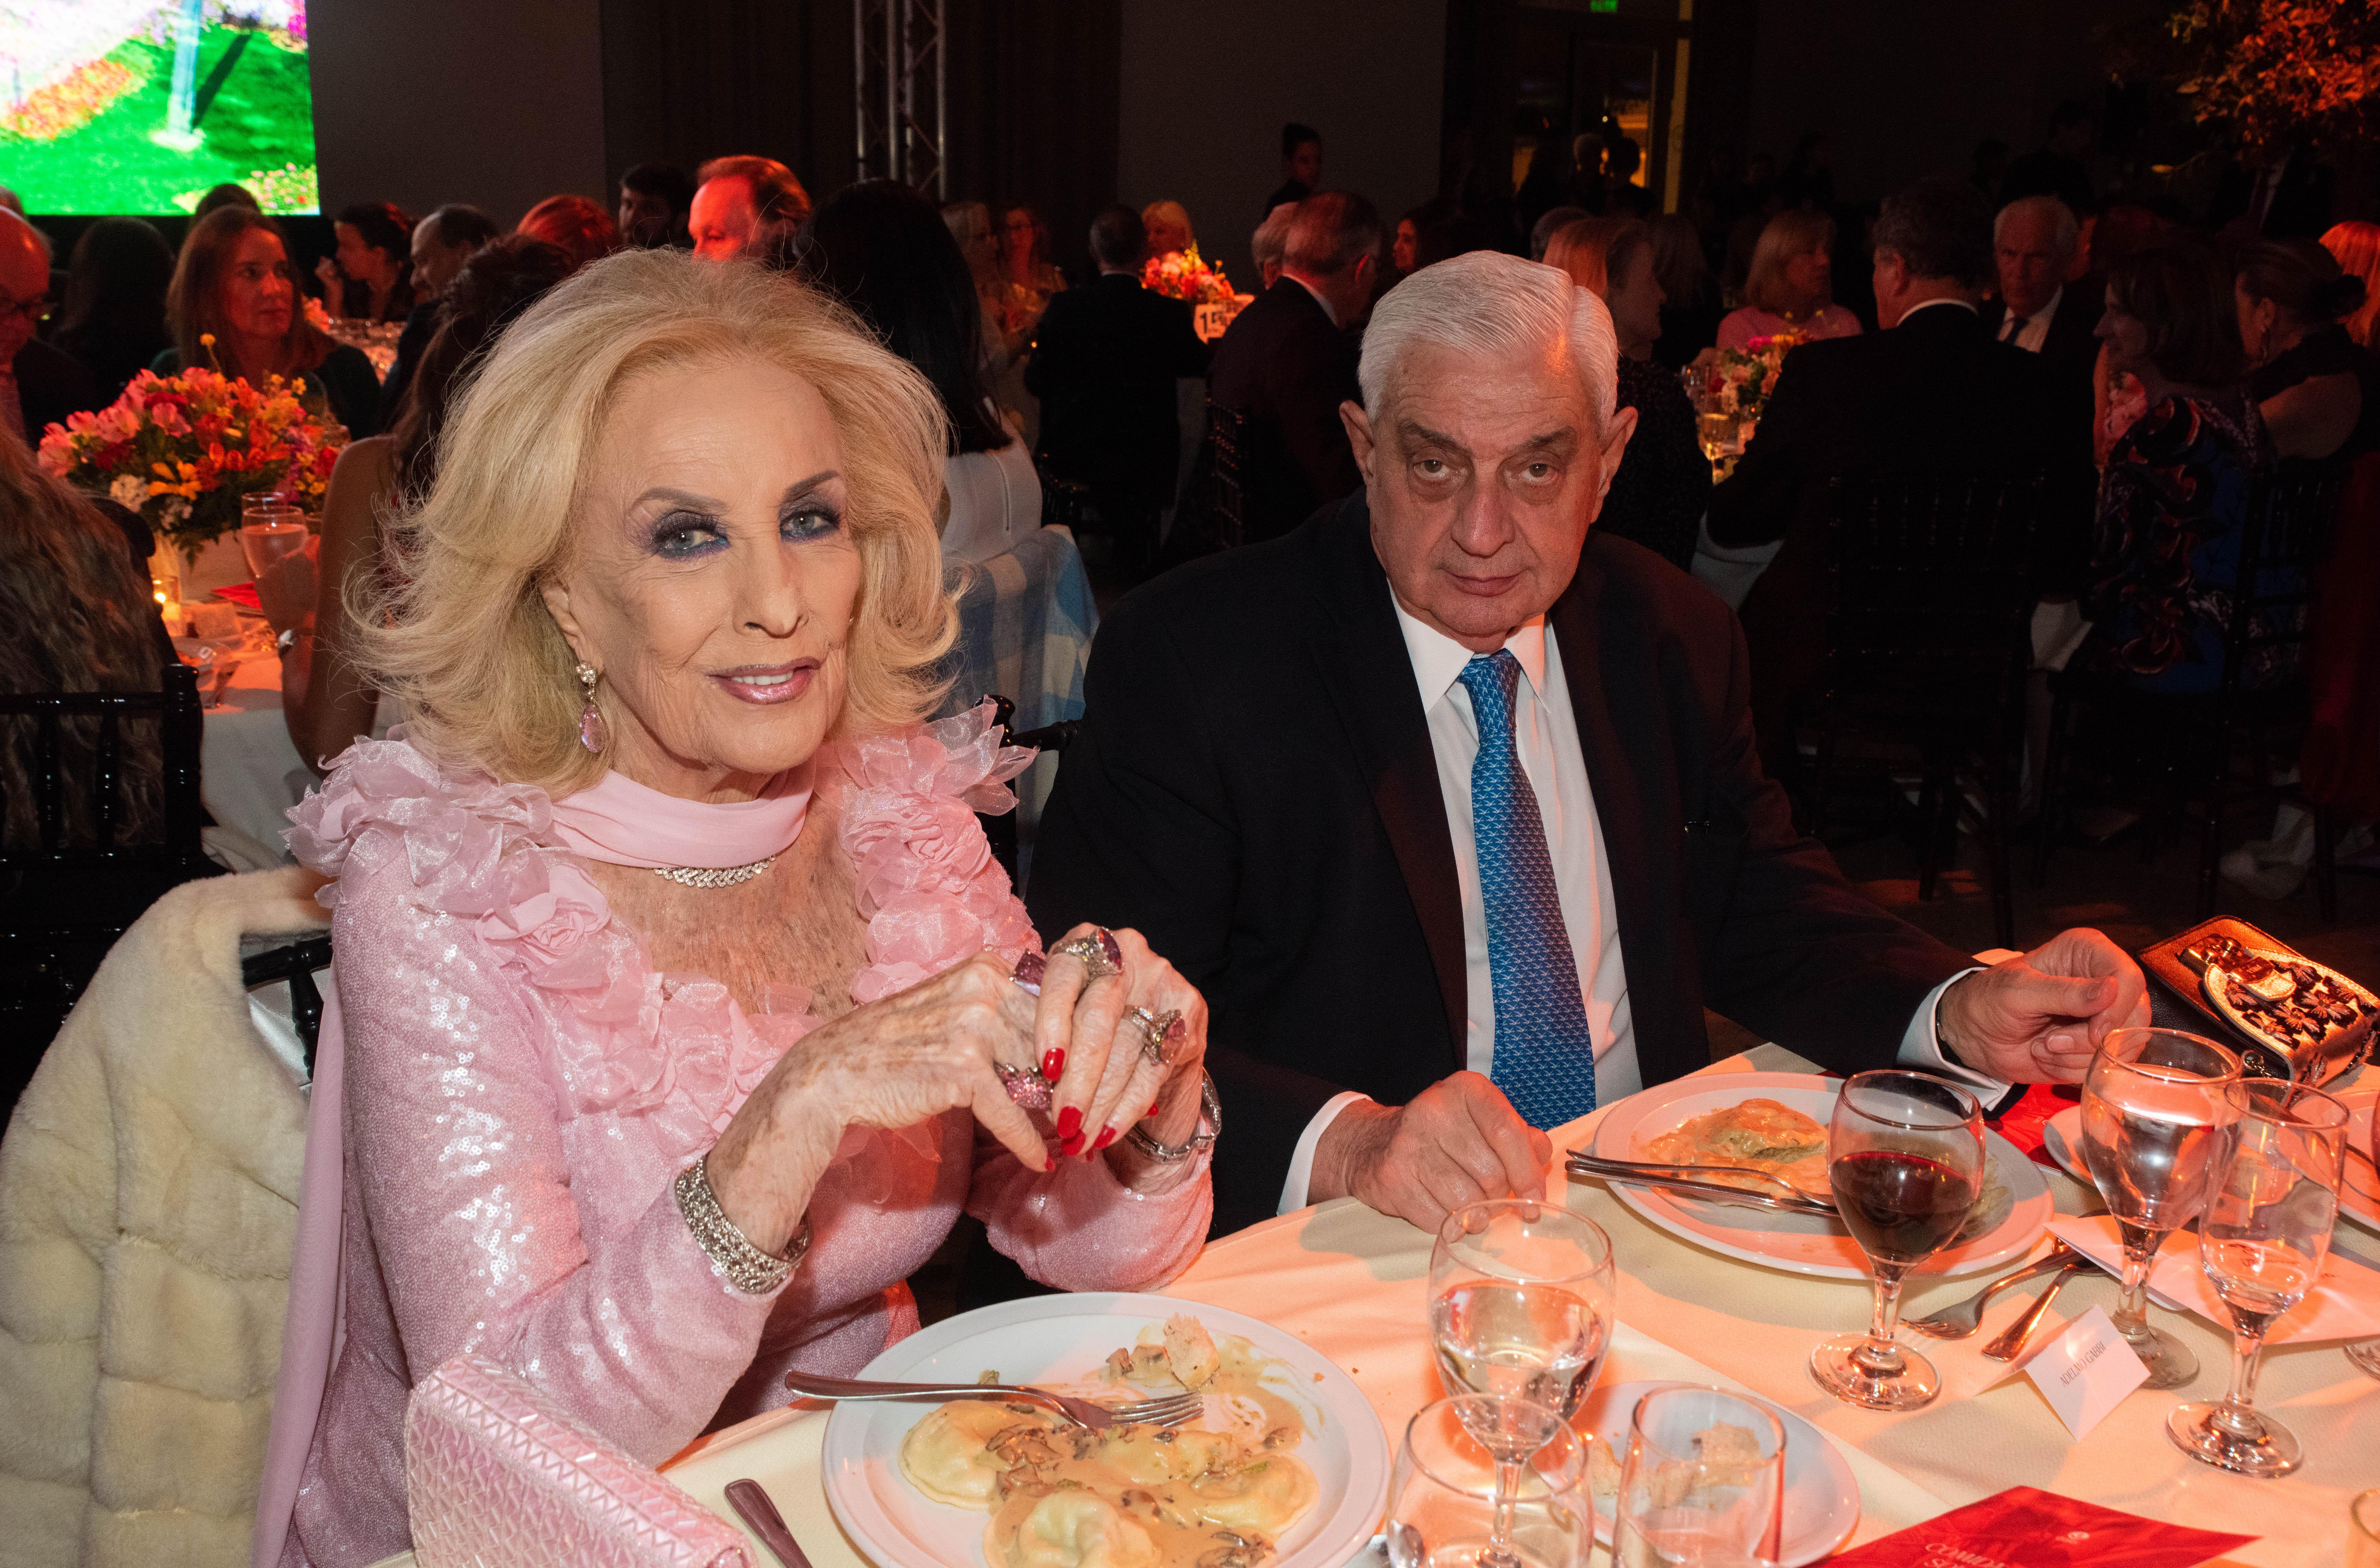 Mirtha Legrand en la mesa principal junto al presidente de la Bolsa de Comercio de Buenos Aires, Adelmo Gabbi, en la Comida Anual Solidaria de COAS